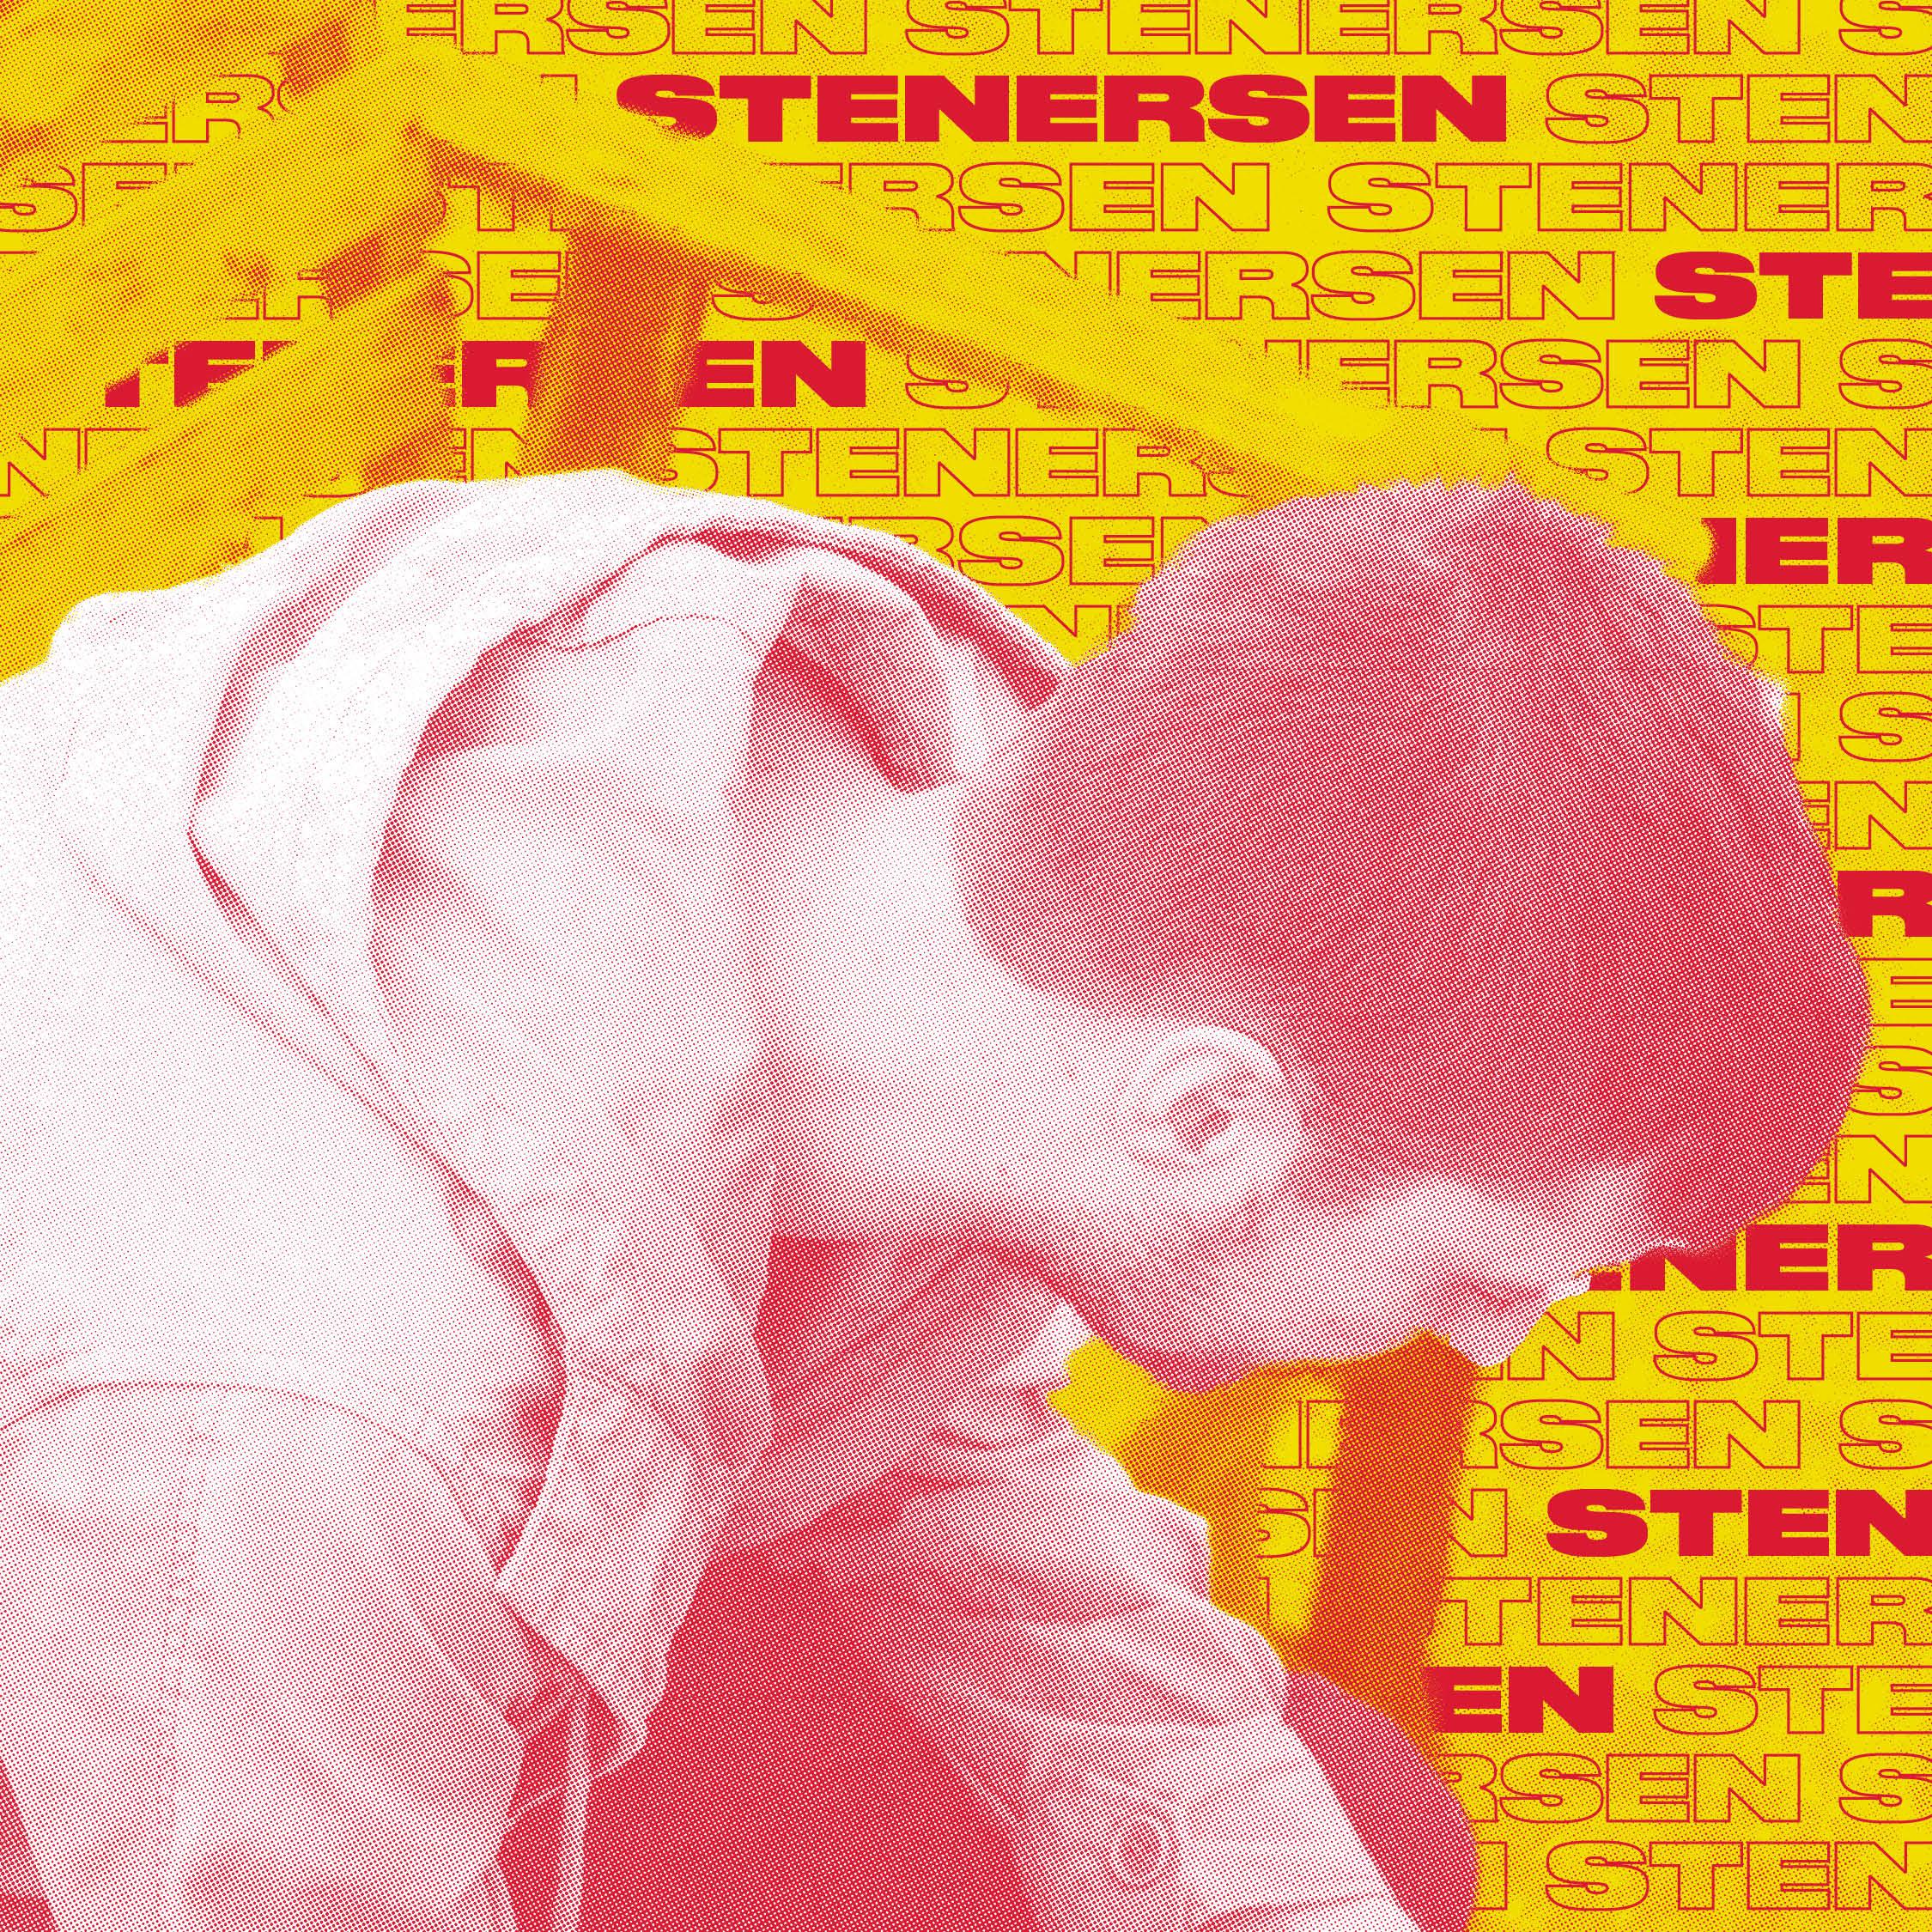 Stenersen er skrudd sammen og delvis oppvokst på de Kenyanske savanner, i tillegg til barndomsår i både Oslo og Bergen. Allerede i 12-årsalderen ble de første låtene til, men det er først nå han virkelig har funnet seg selv i Stenersen-prosjektet. I klassisk vise-ånd blir musikk satt til tekst, men utradisjonelle produksjoner og arrangementer gjør at låtene likevel ikke passer helt inn i nevnte sjanger. Eksperimentering med akkorder, harmonier og lyrikk står sentralt, i tillegg til stemningsfulle liveshow. Foreløpig har Stenersen to singler ute, men ny musikk er like om hjørnet.